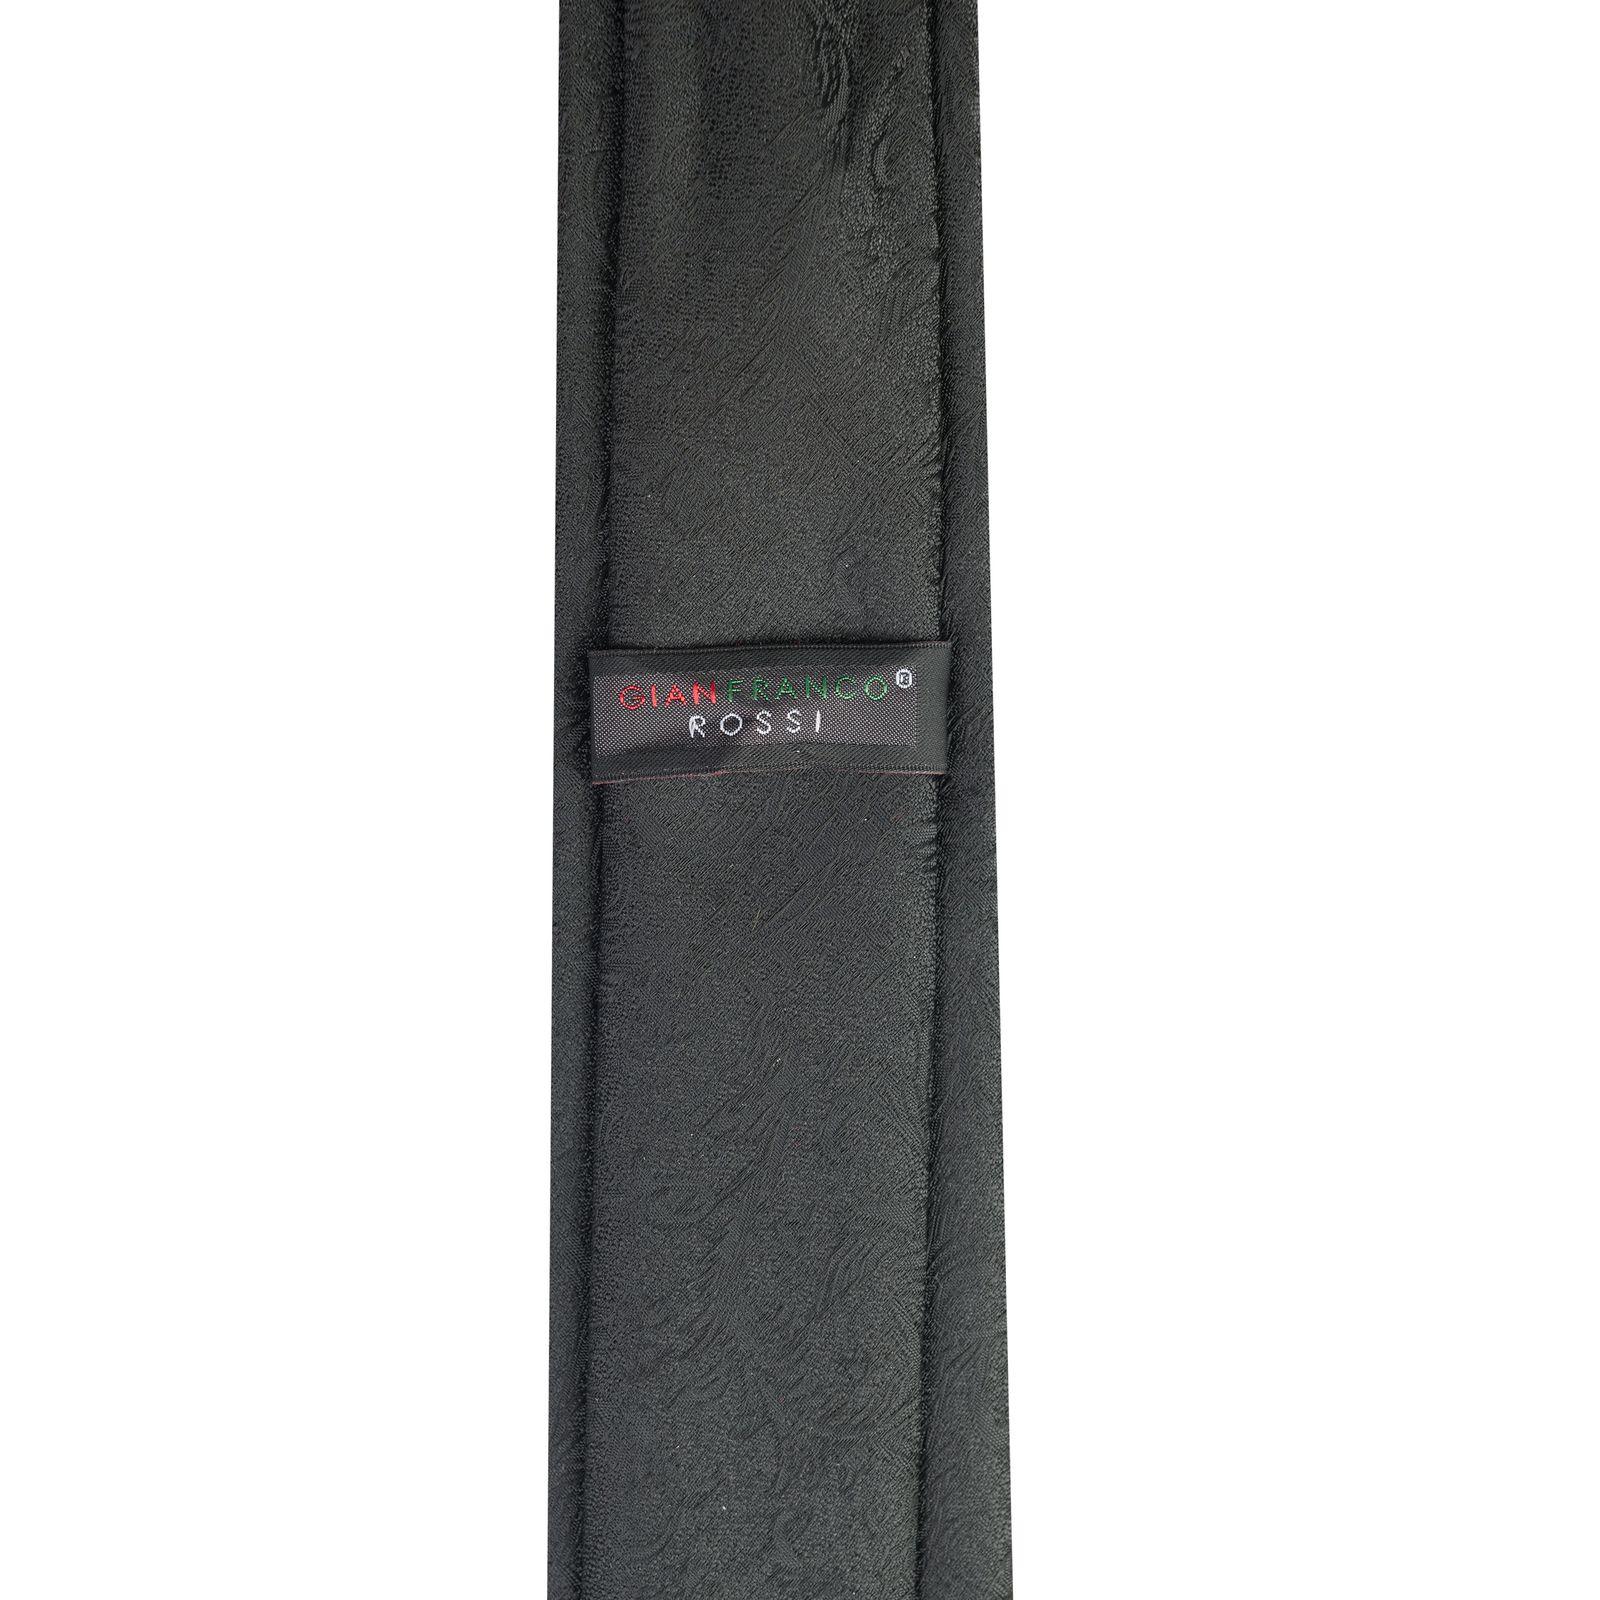 ست کراوات و دستمال جیب و گل کت مردانه جیان فرانکو روسی مدل GF-F224-BK -  - 5